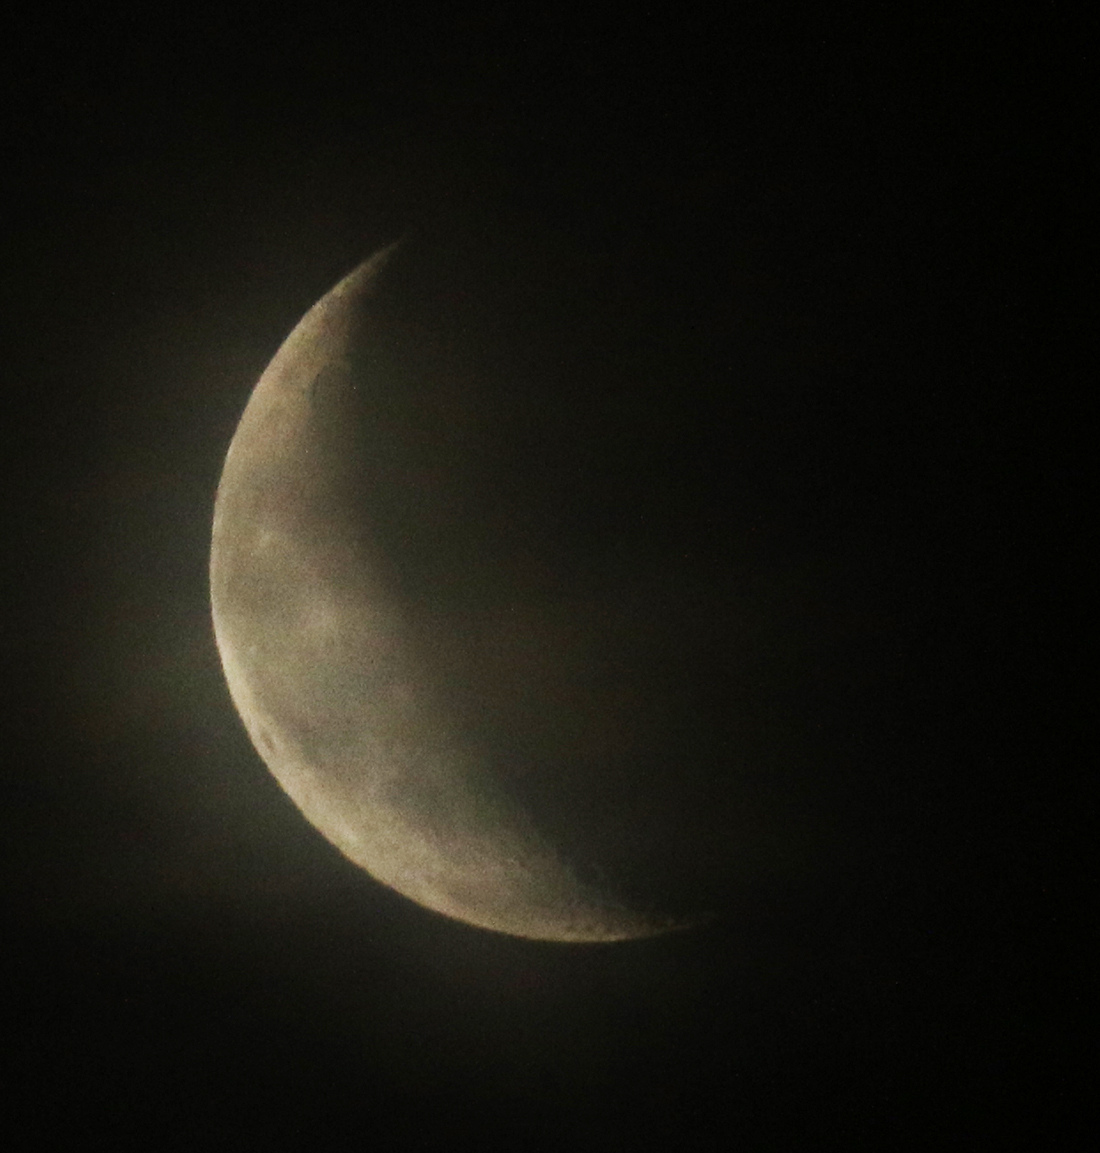 la lune le 18/02/2020 (49215)